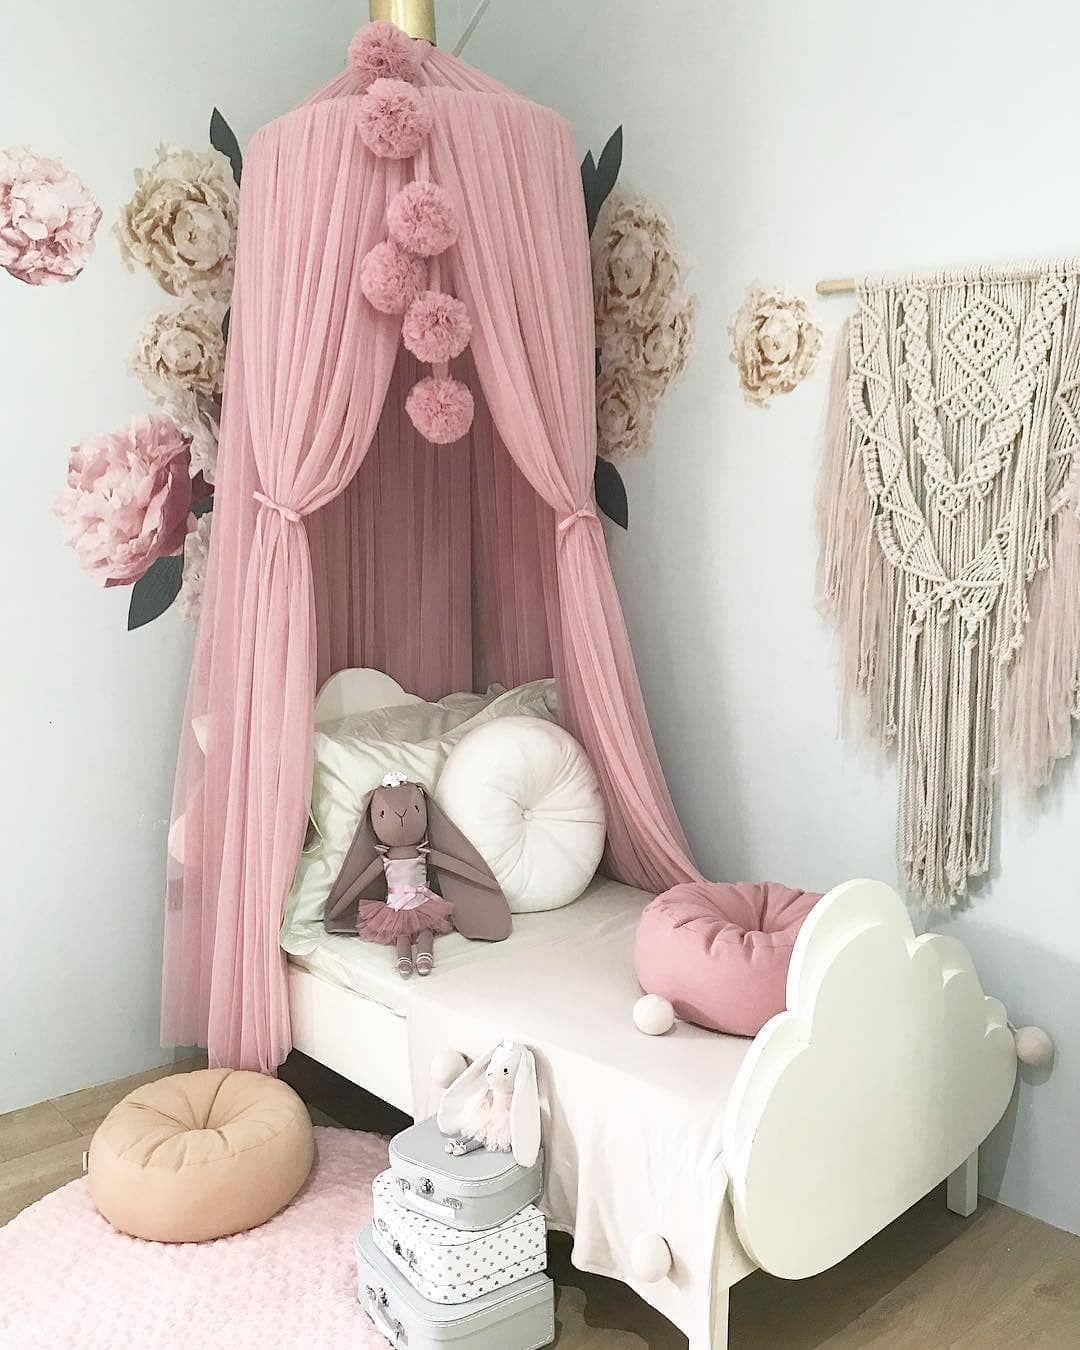 Дизайн интерьера детской комнаты фото 2